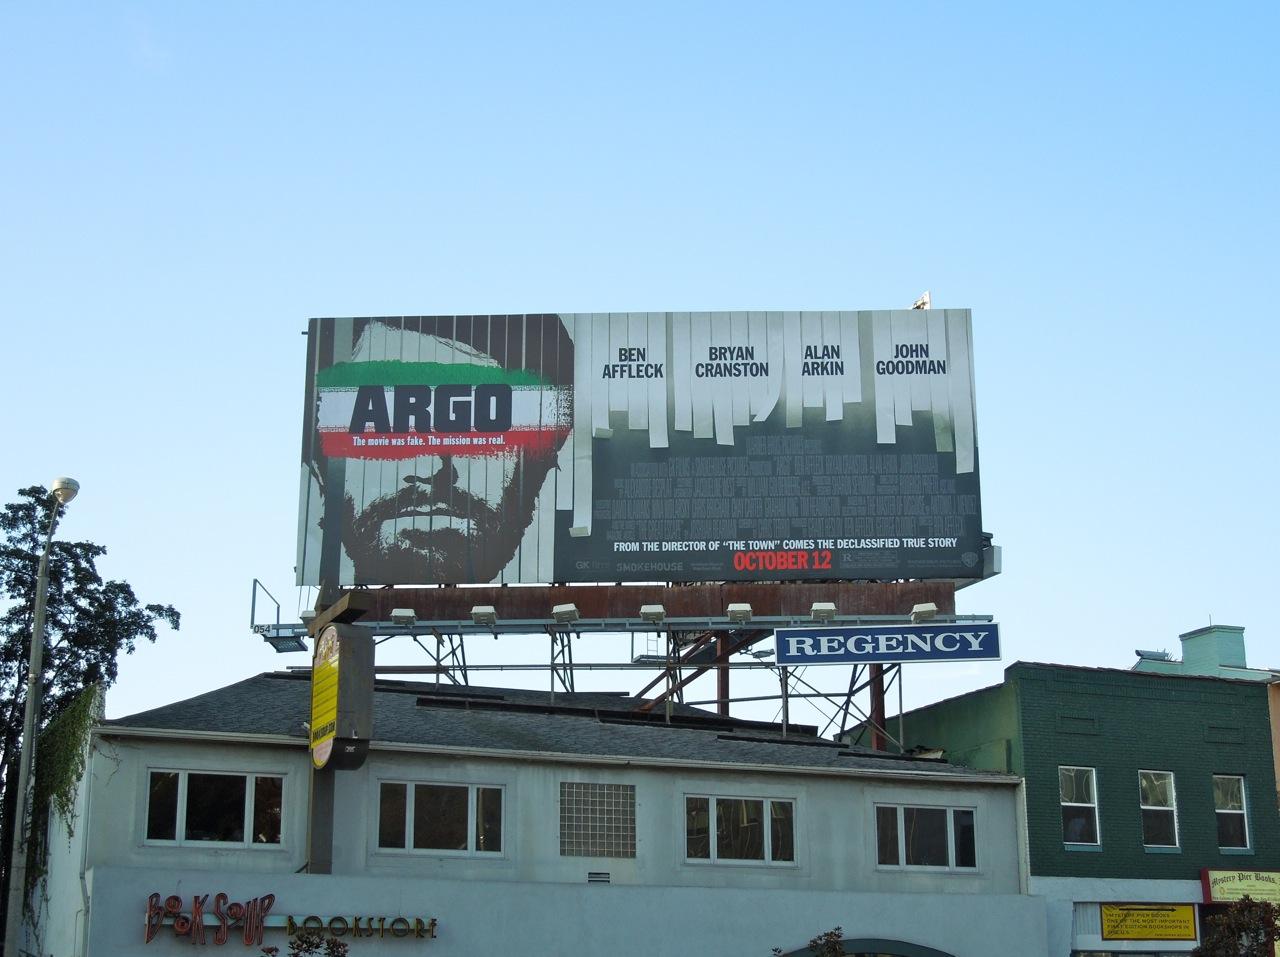 http://4.bp.blogspot.com/-SCoAZl_MnvU/UGTKQMwPhWI/AAAAAAAA1B0/lDyBcSbahTg/s1600/Argo+bilboard.jpg